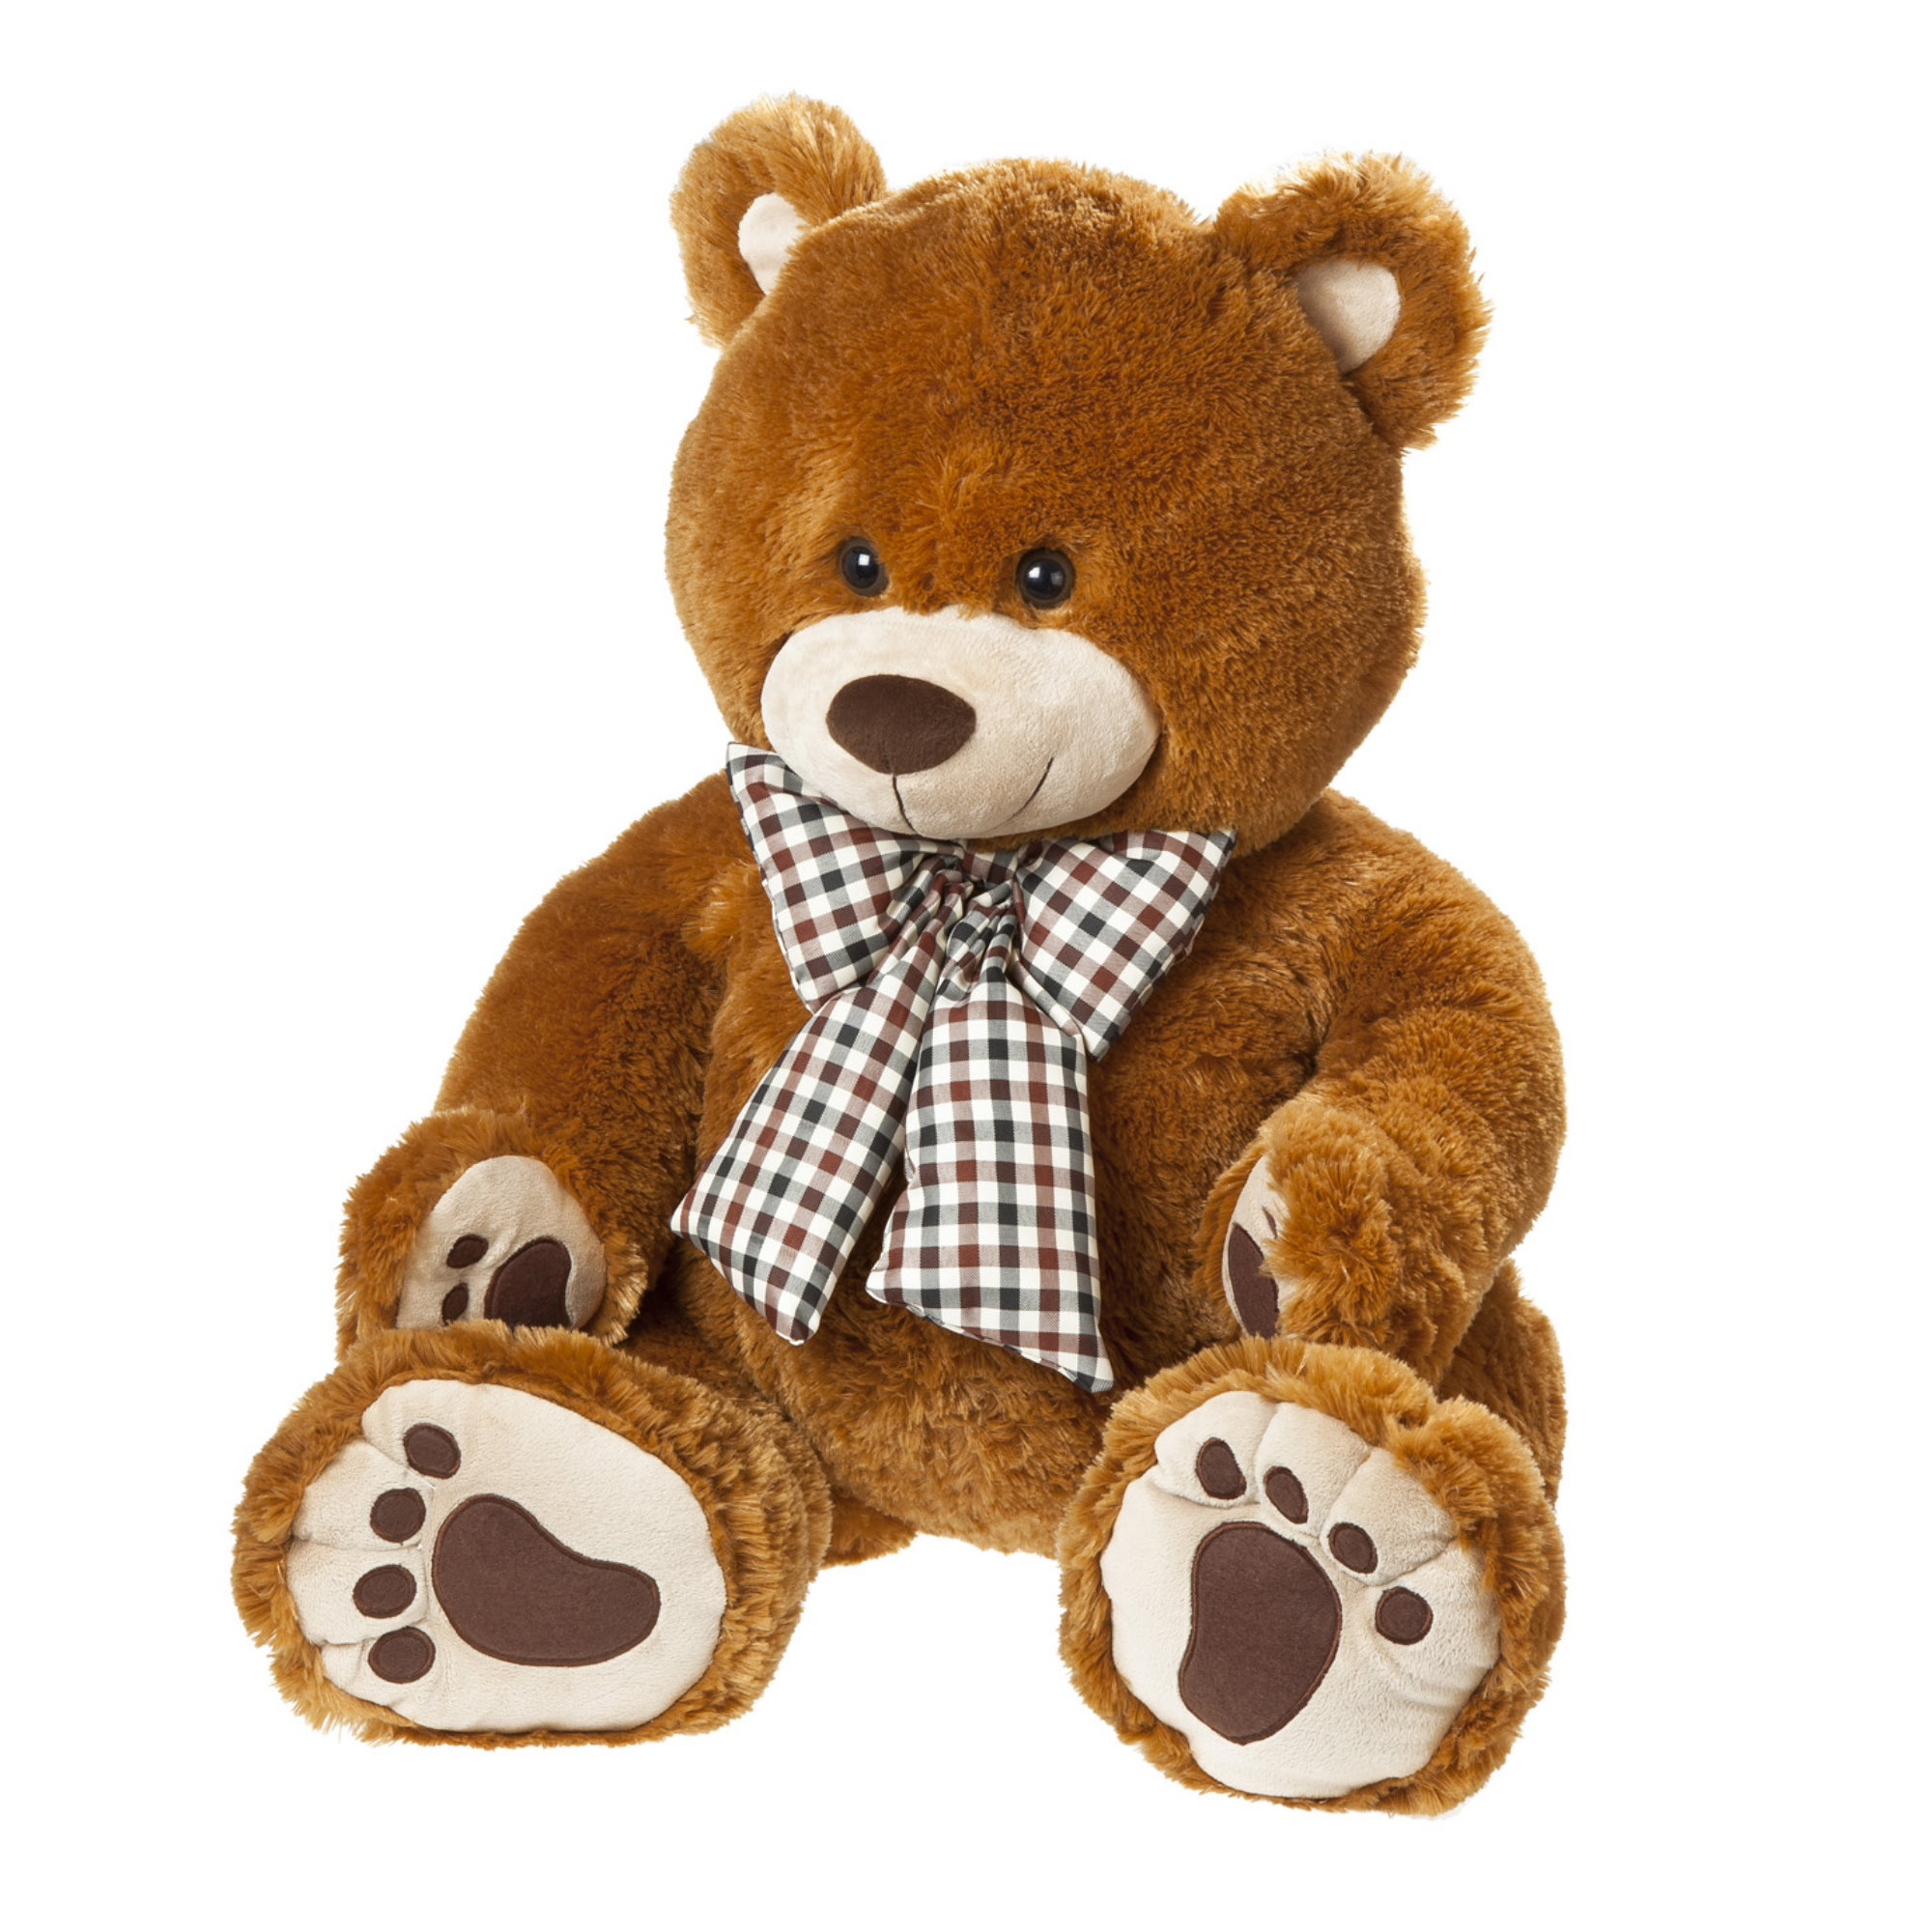 rainbowpalace baby und kindermode heunec pummel b r mit tatzen teddy pl sch 90 cm braun. Black Bedroom Furniture Sets. Home Design Ideas